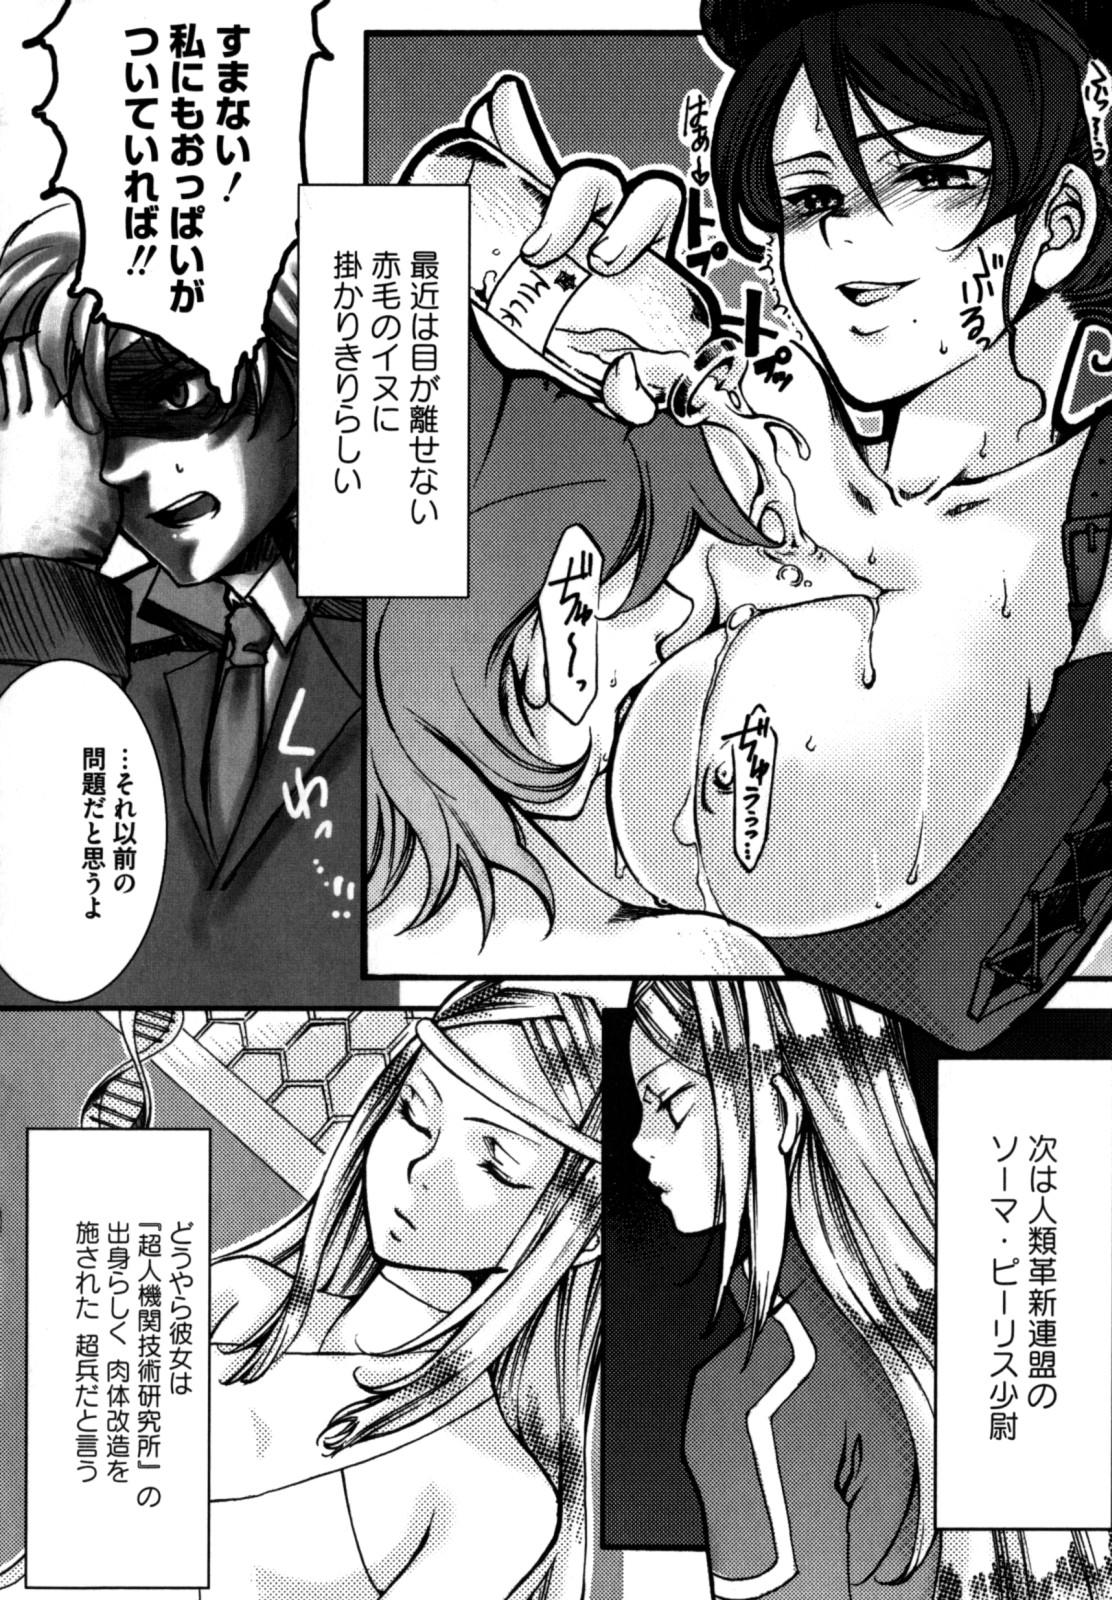 Shikijou no Erosu 139